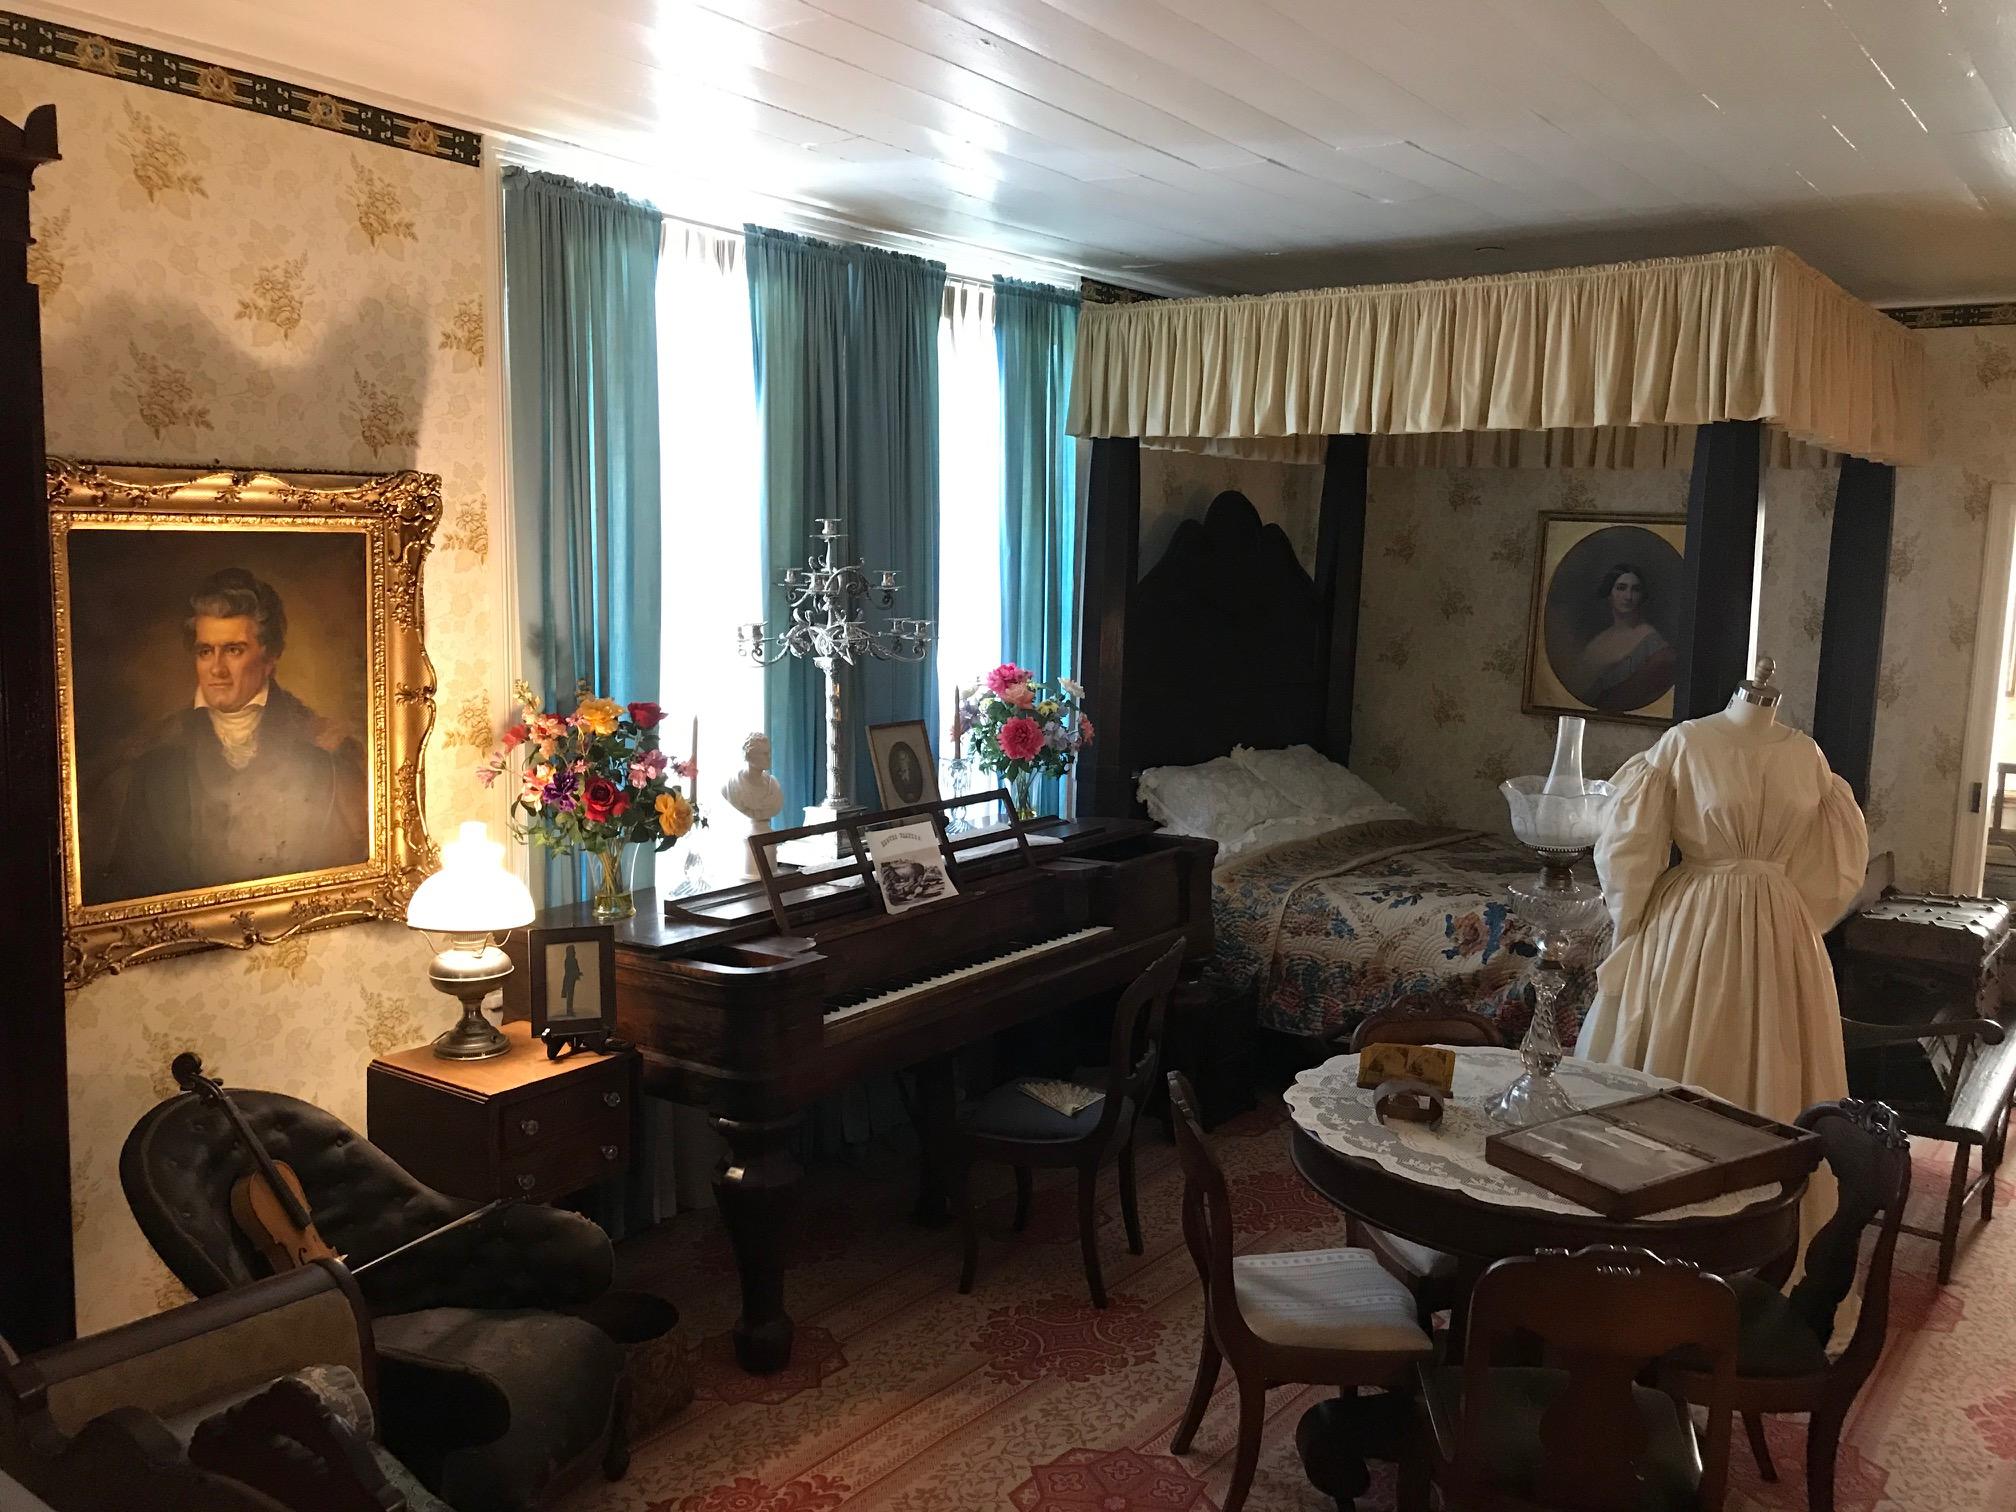 Floride Calhoun's piano and Replica Dress